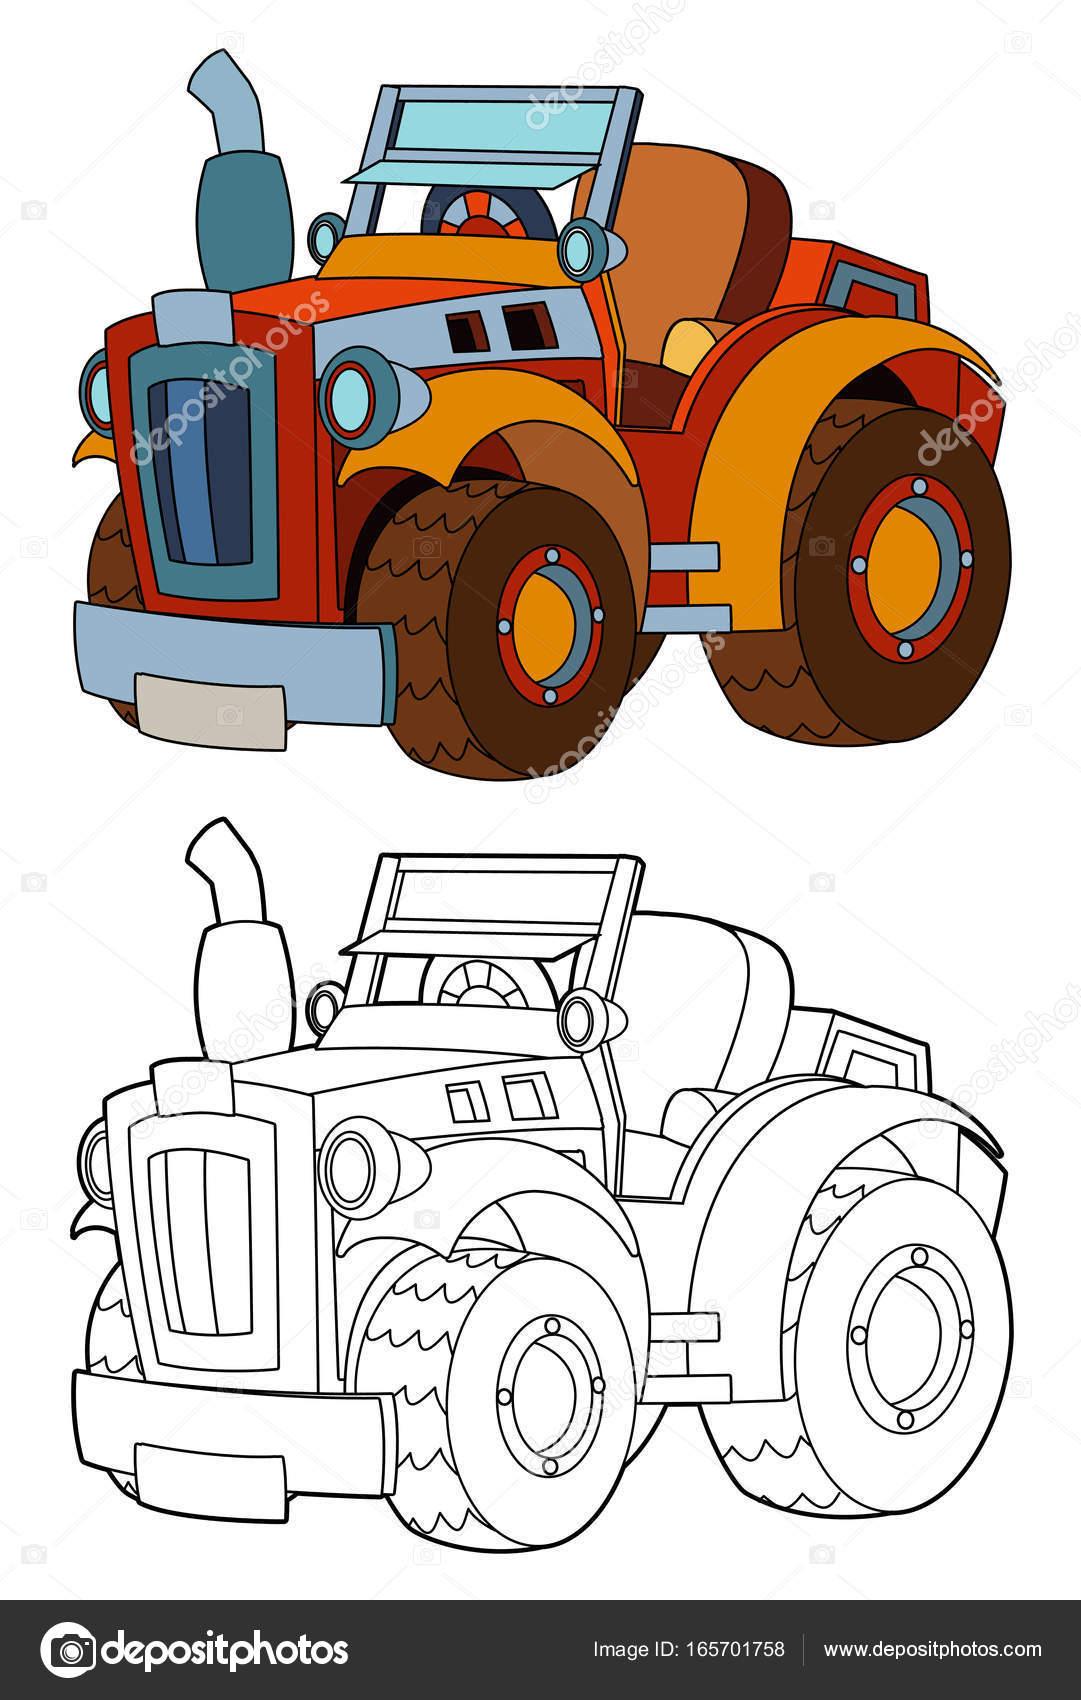 Sayfa Boyama Ile Karikatür çiftlik Traktör Stok Foto